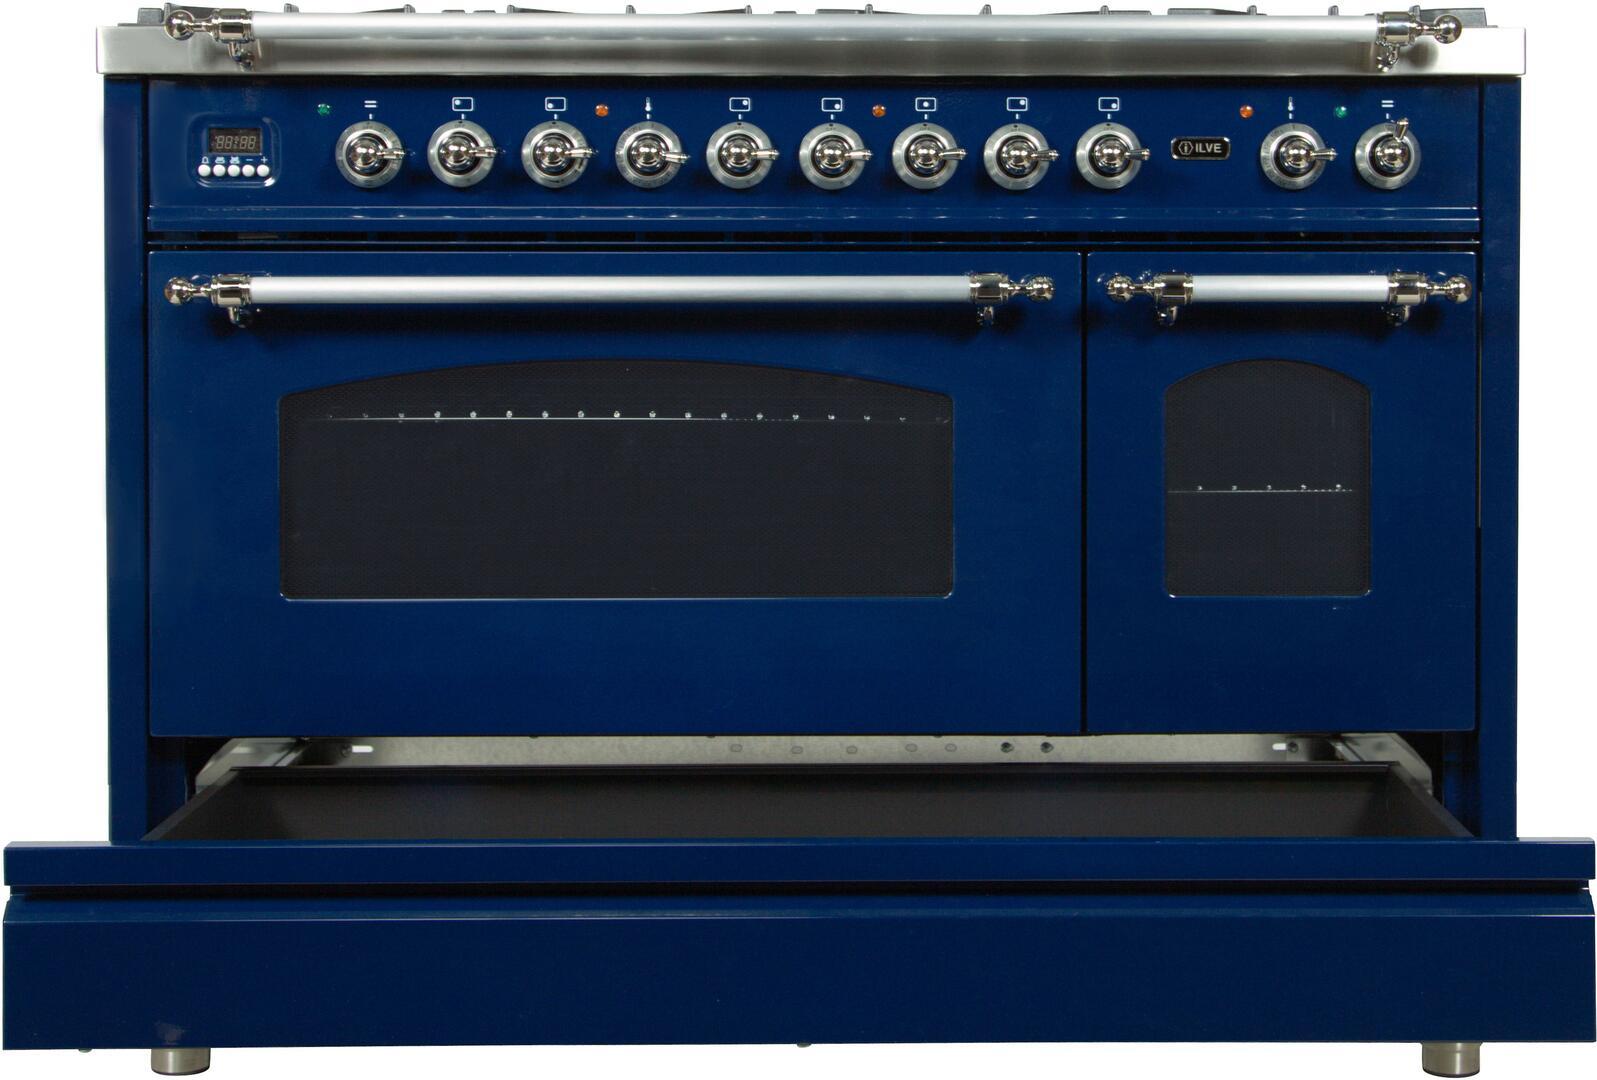 Ilve Nostalgie UPN120FDMPBLX Freestanding Dual Fuel Range Blue, UPN120FDMPBLX Dishwarming Drawer